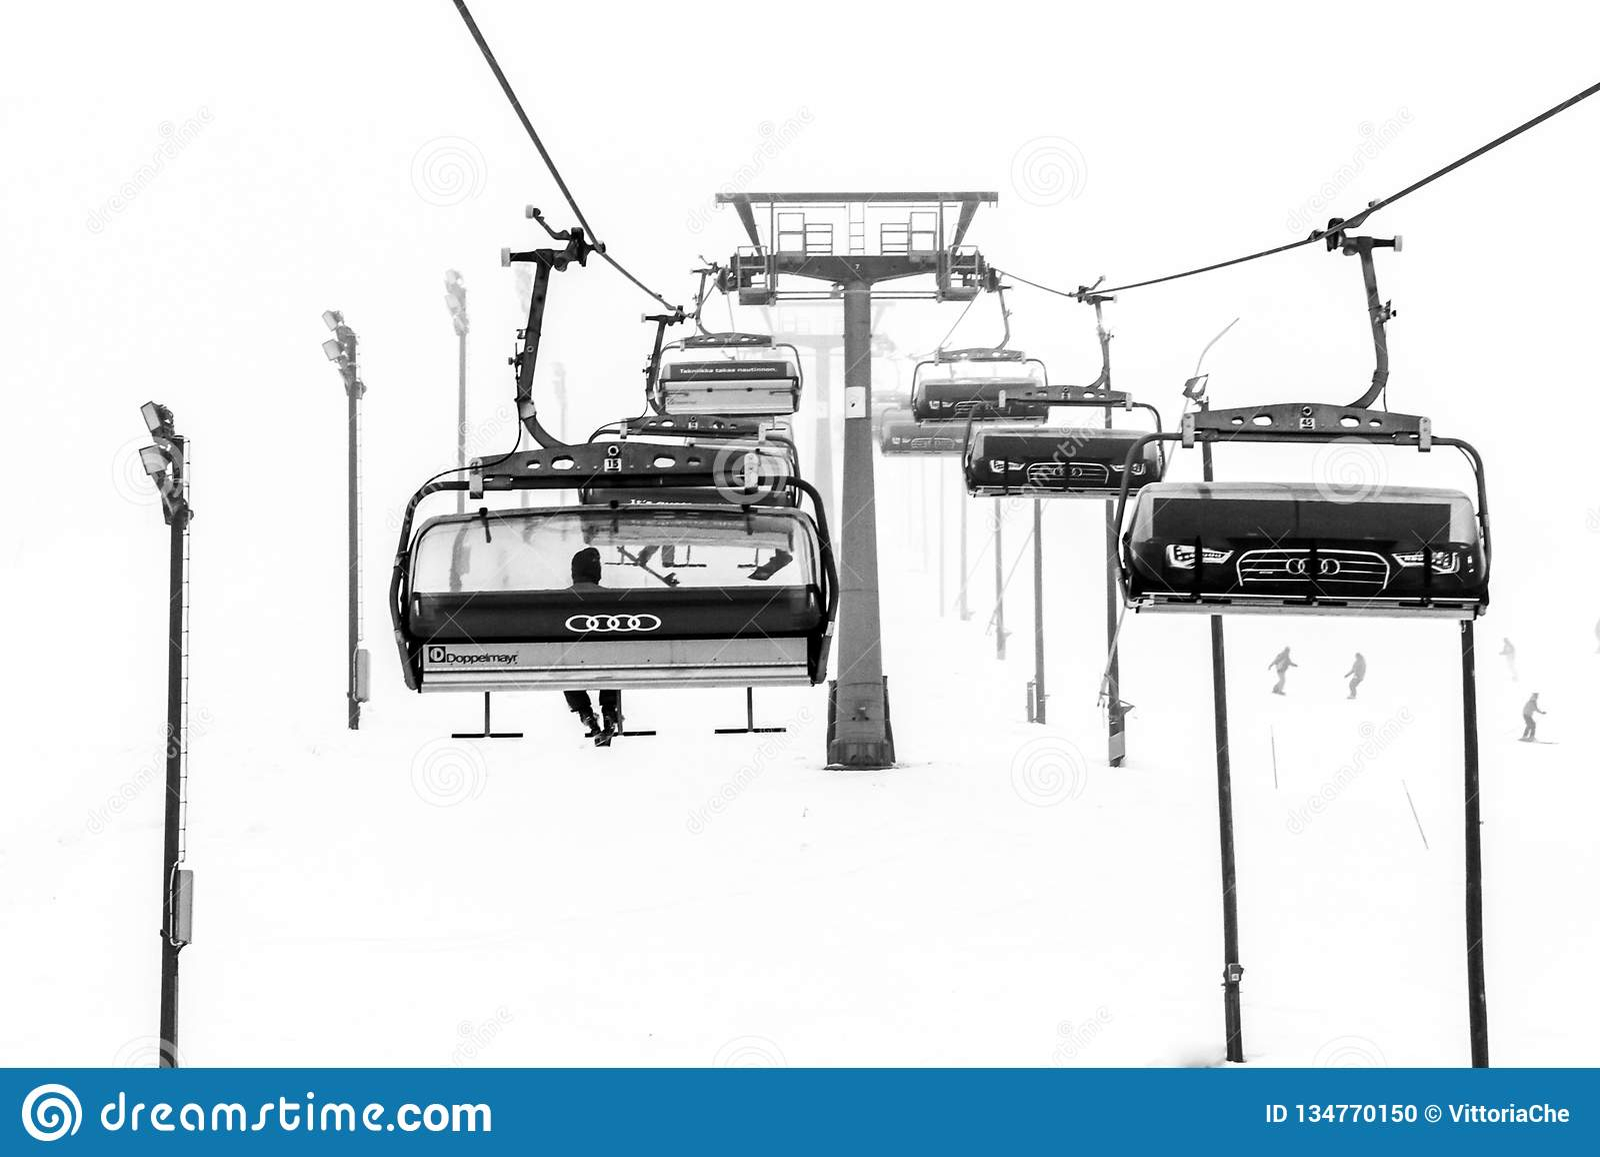 Ruka, Finlande - 24 novembre 2012 : Les skieurs s asseyent sur le remonte-pente de chaise à la station de sports d hiver de Ruka